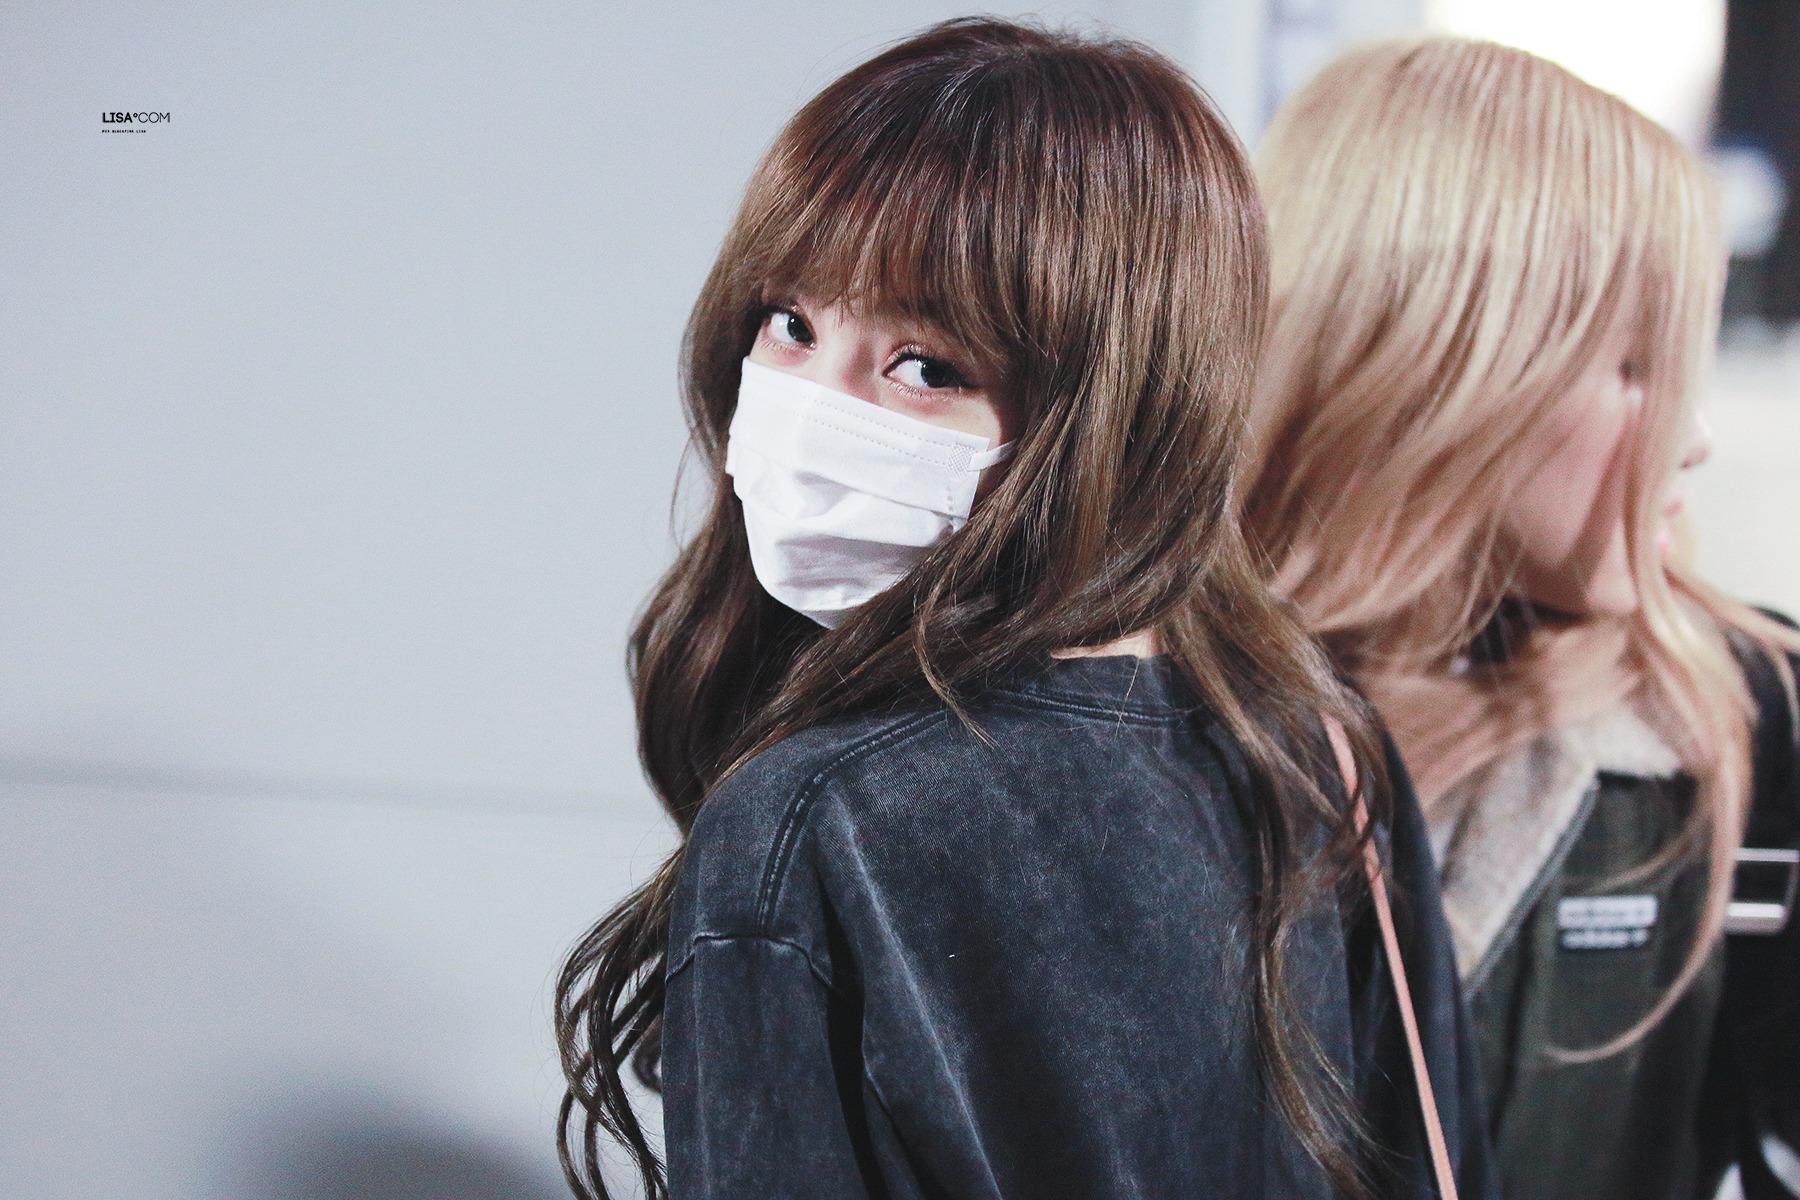 Lisa đeo khẩu trang ở sân bay